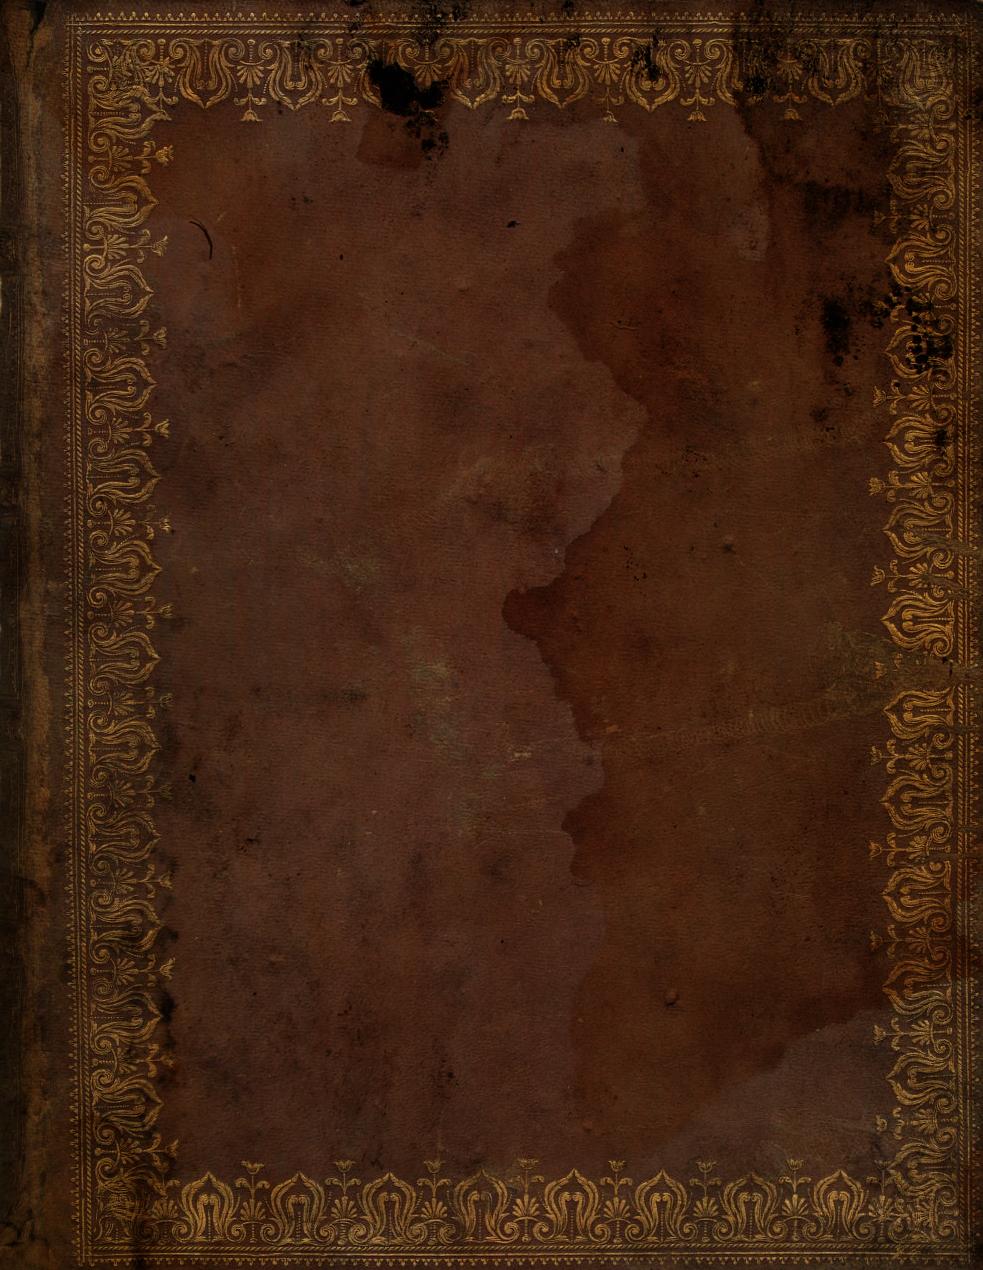 Wallpaper for Book Cover - WallpaperSafari